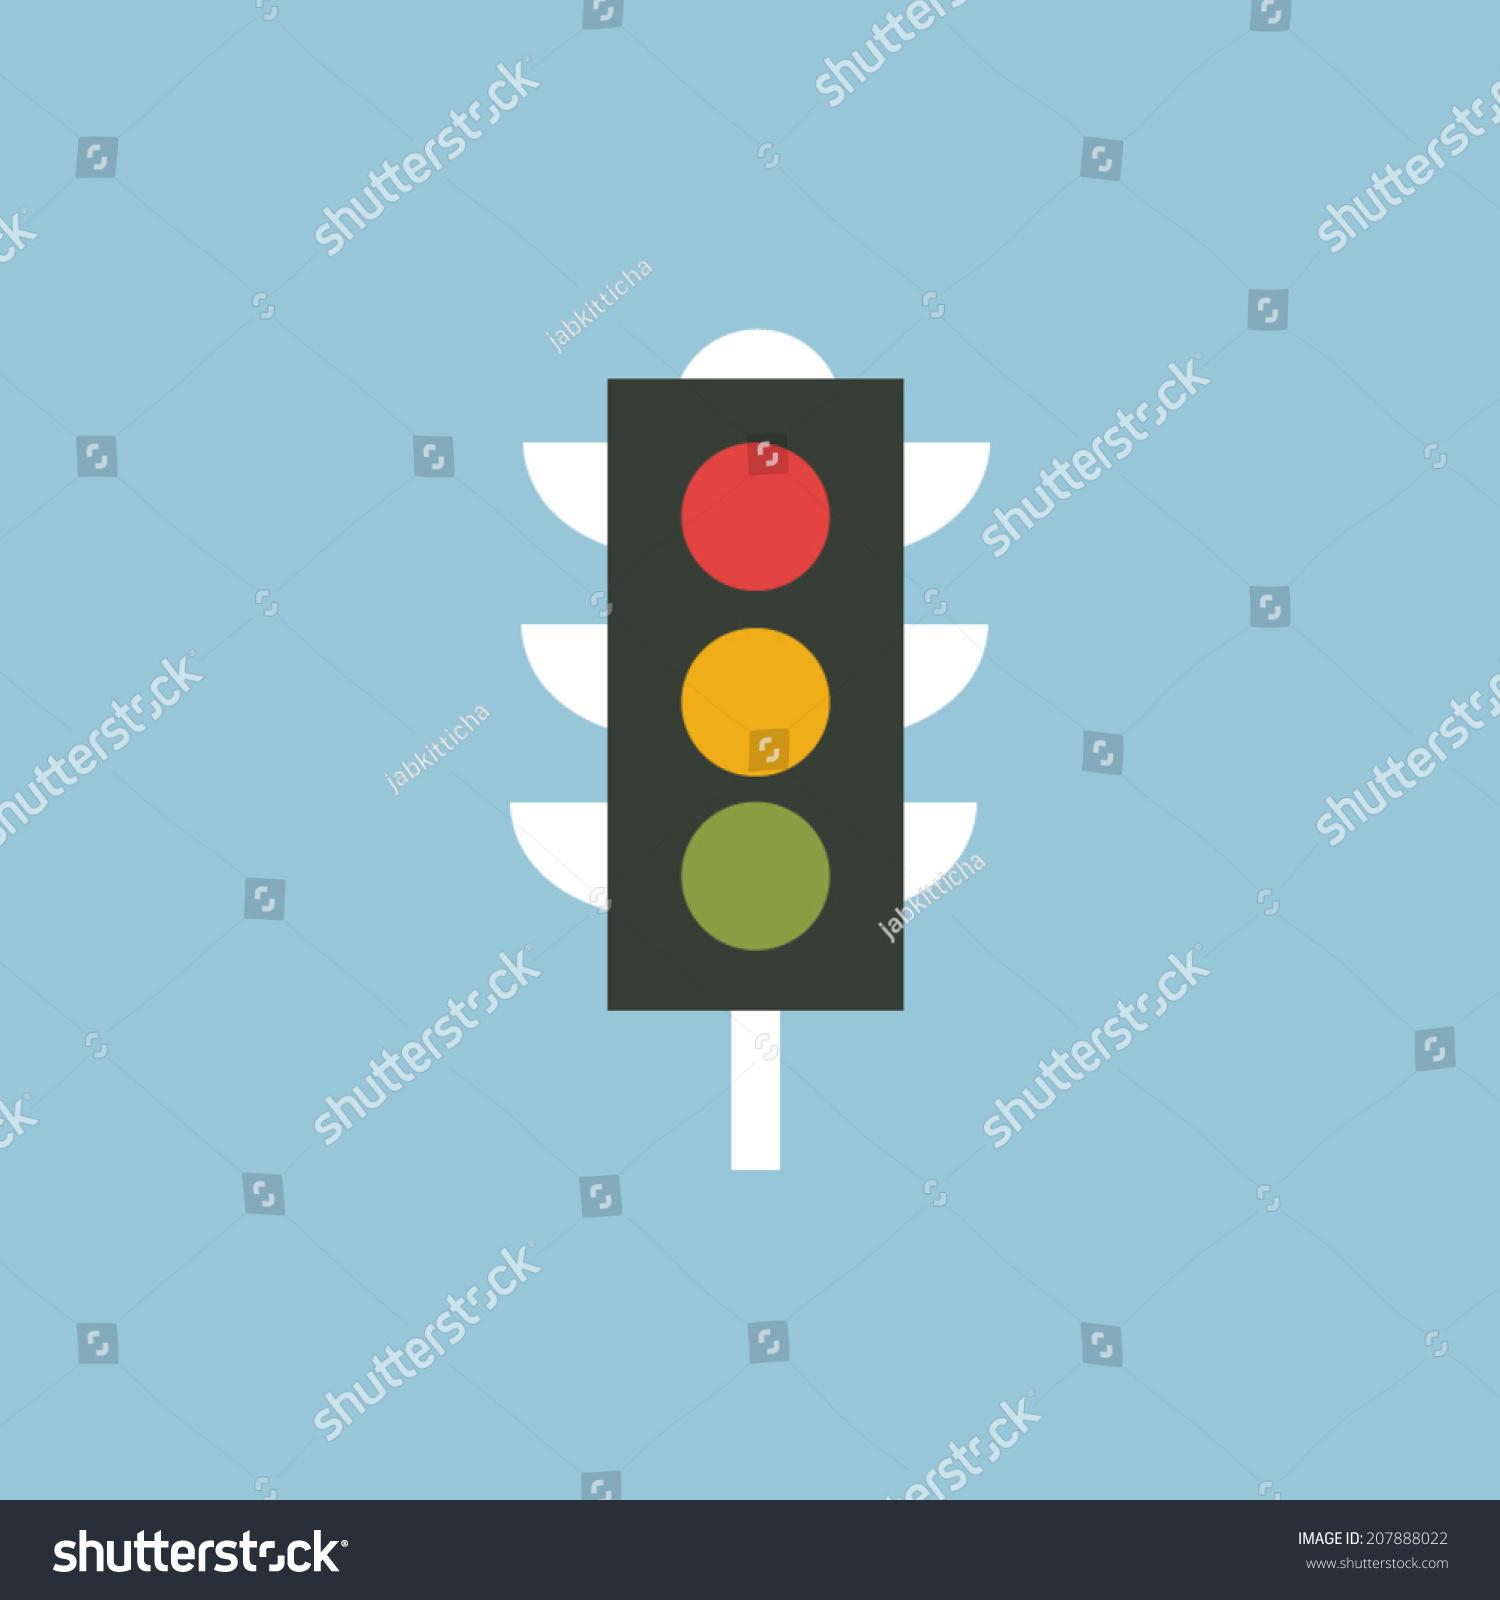 交通灯图标矢量-交通运输